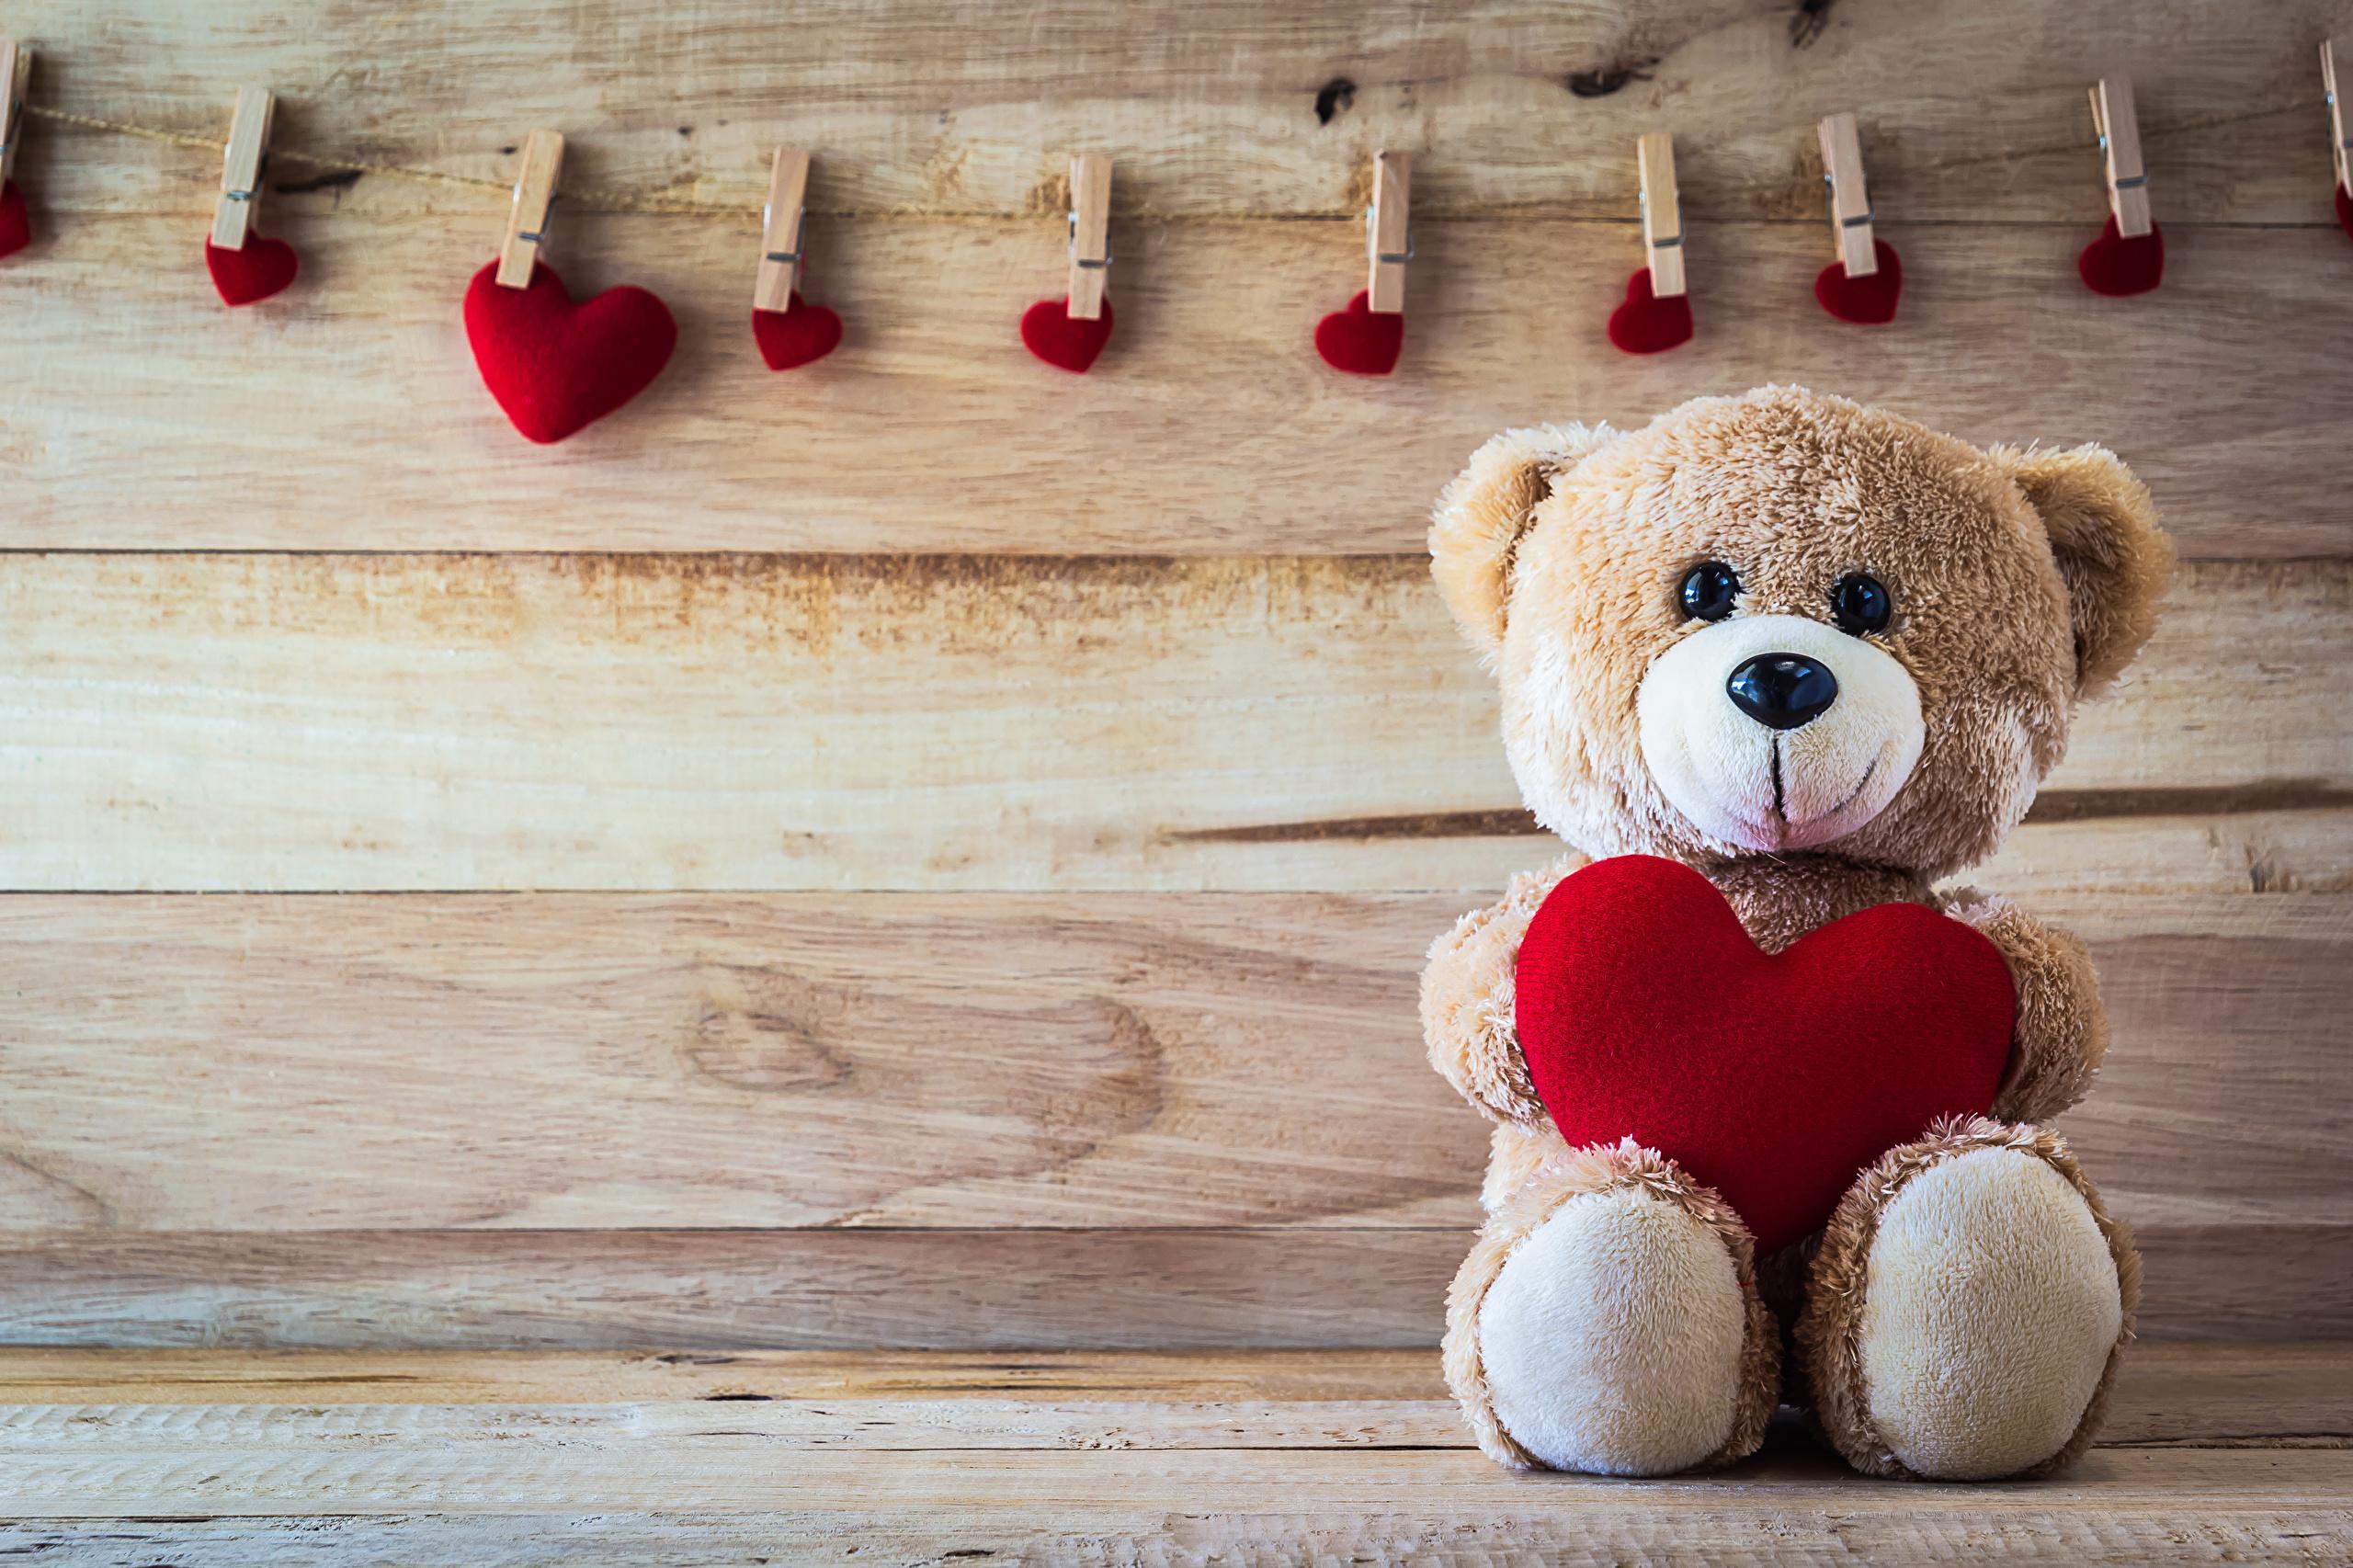 любовь игрушка  № 3437494 бесплатно